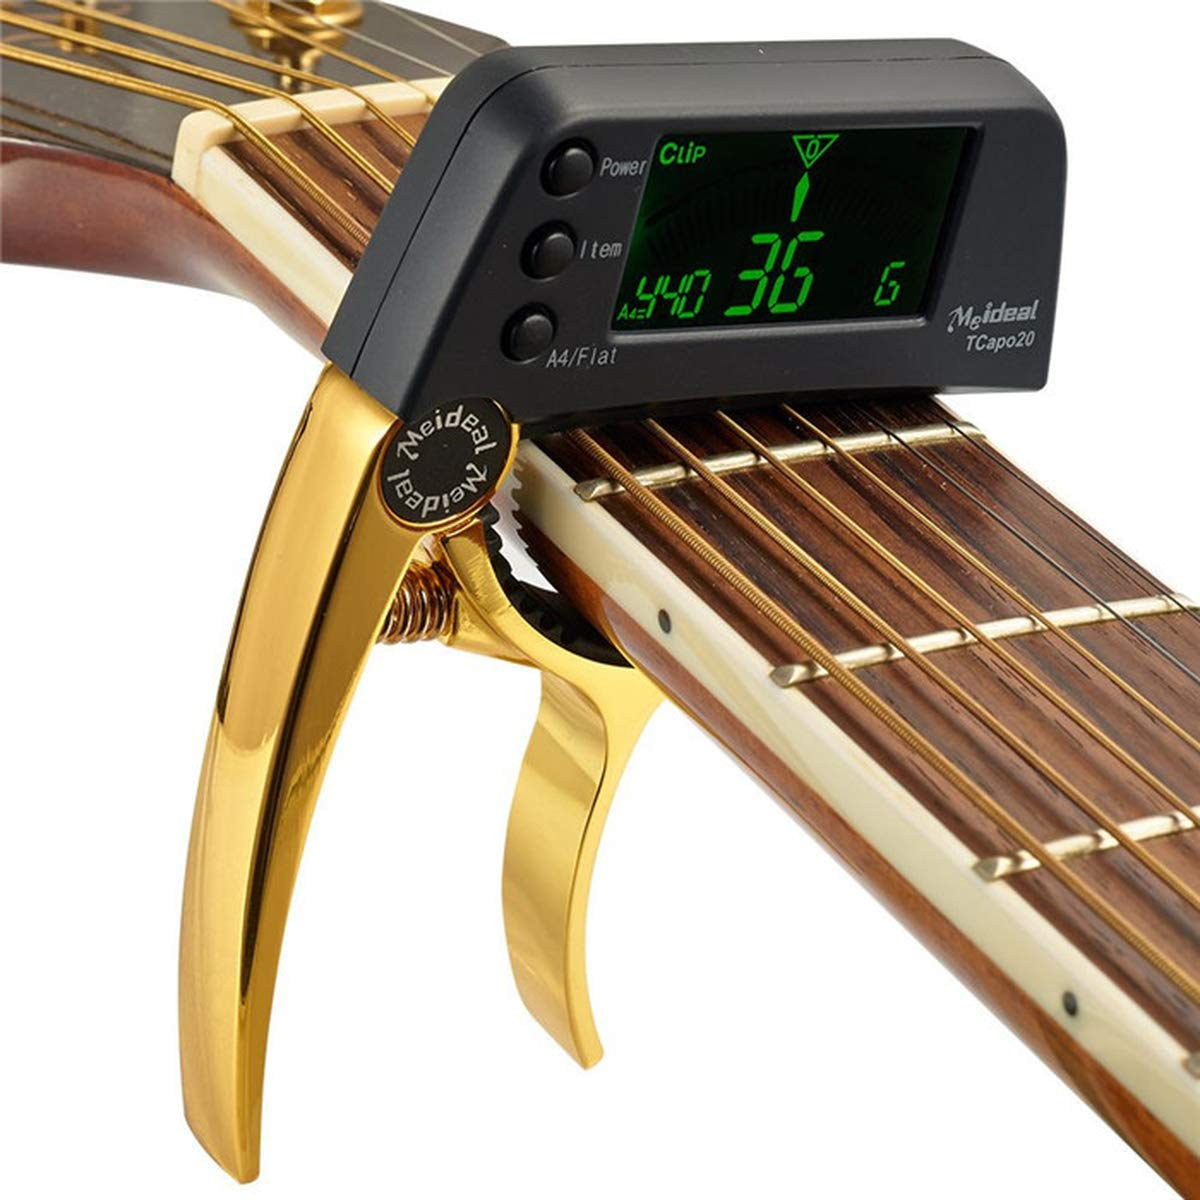 Freyamall Capo d'accordeur de Guitare, Multifonctionnel Tuner TCapo20 2-en-1 avec LCD pour Guitare Acoustique Basse électrique folk Guitare Classique Banjo Ukulélé, Argent